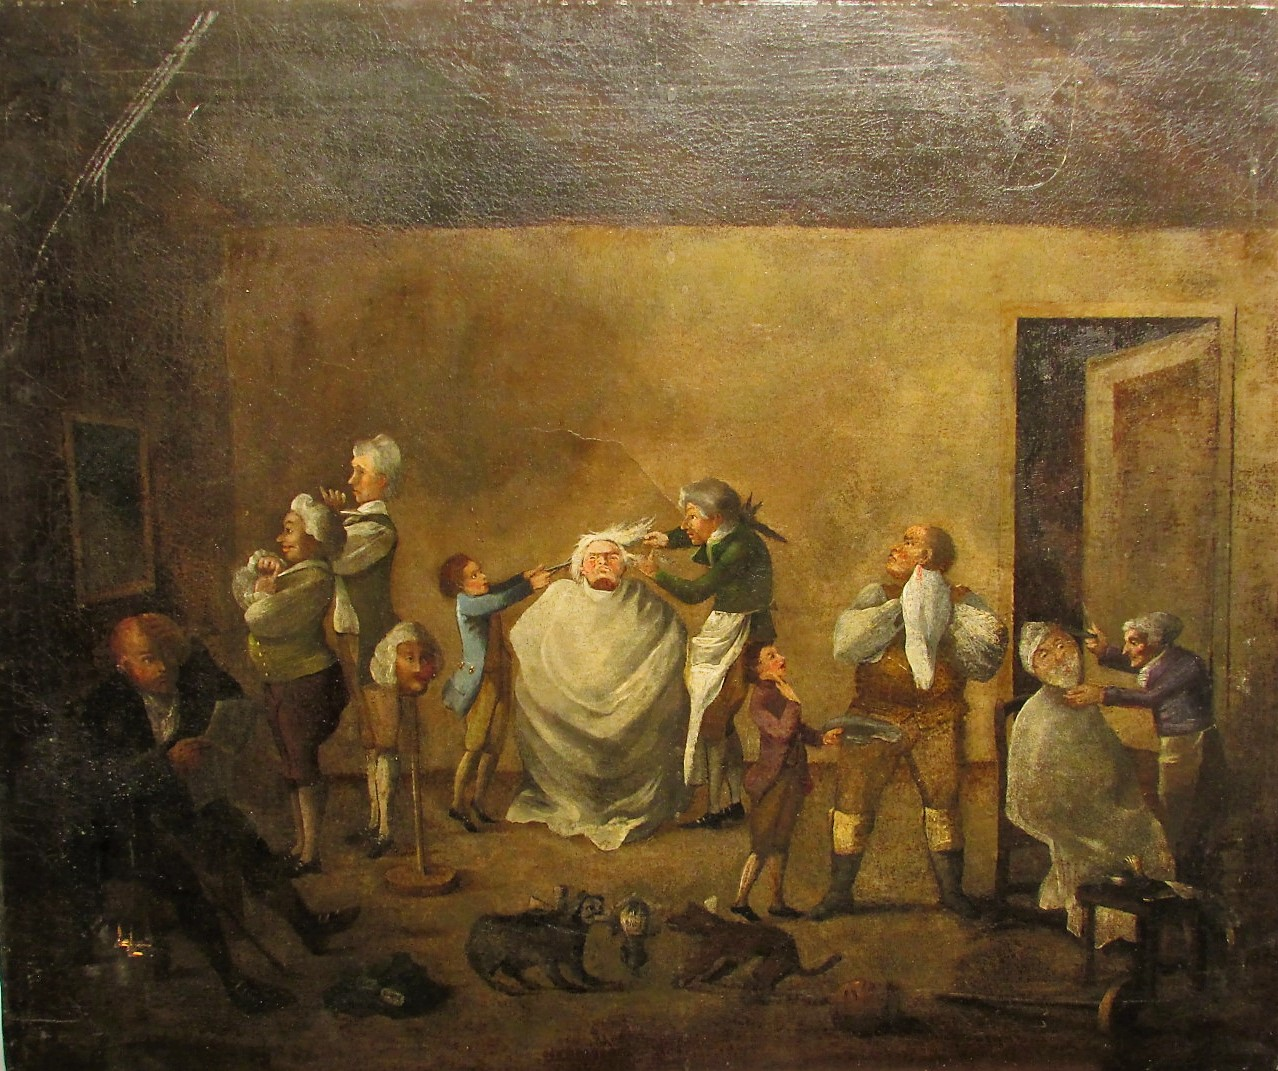 Ecole hollandaise du XIX, dans le go